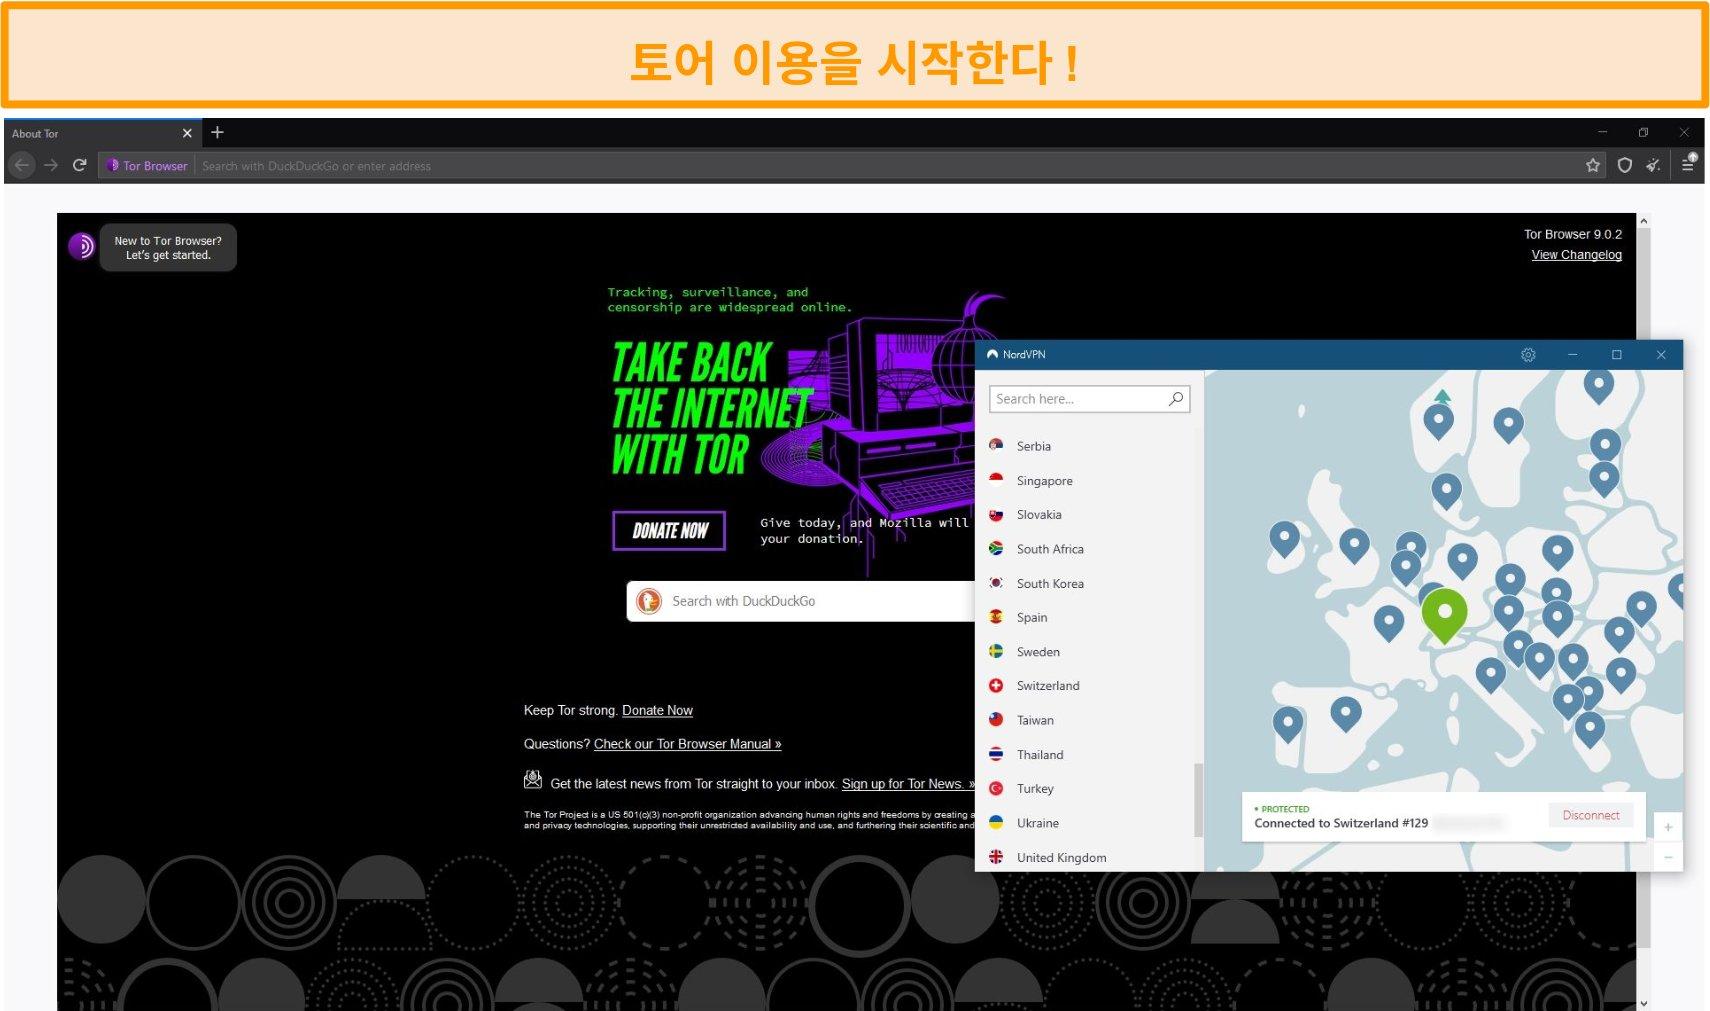 NordVPN을 통한 Tor over VPN 연결로 열린 Tor 브라우저의 스크린 샷